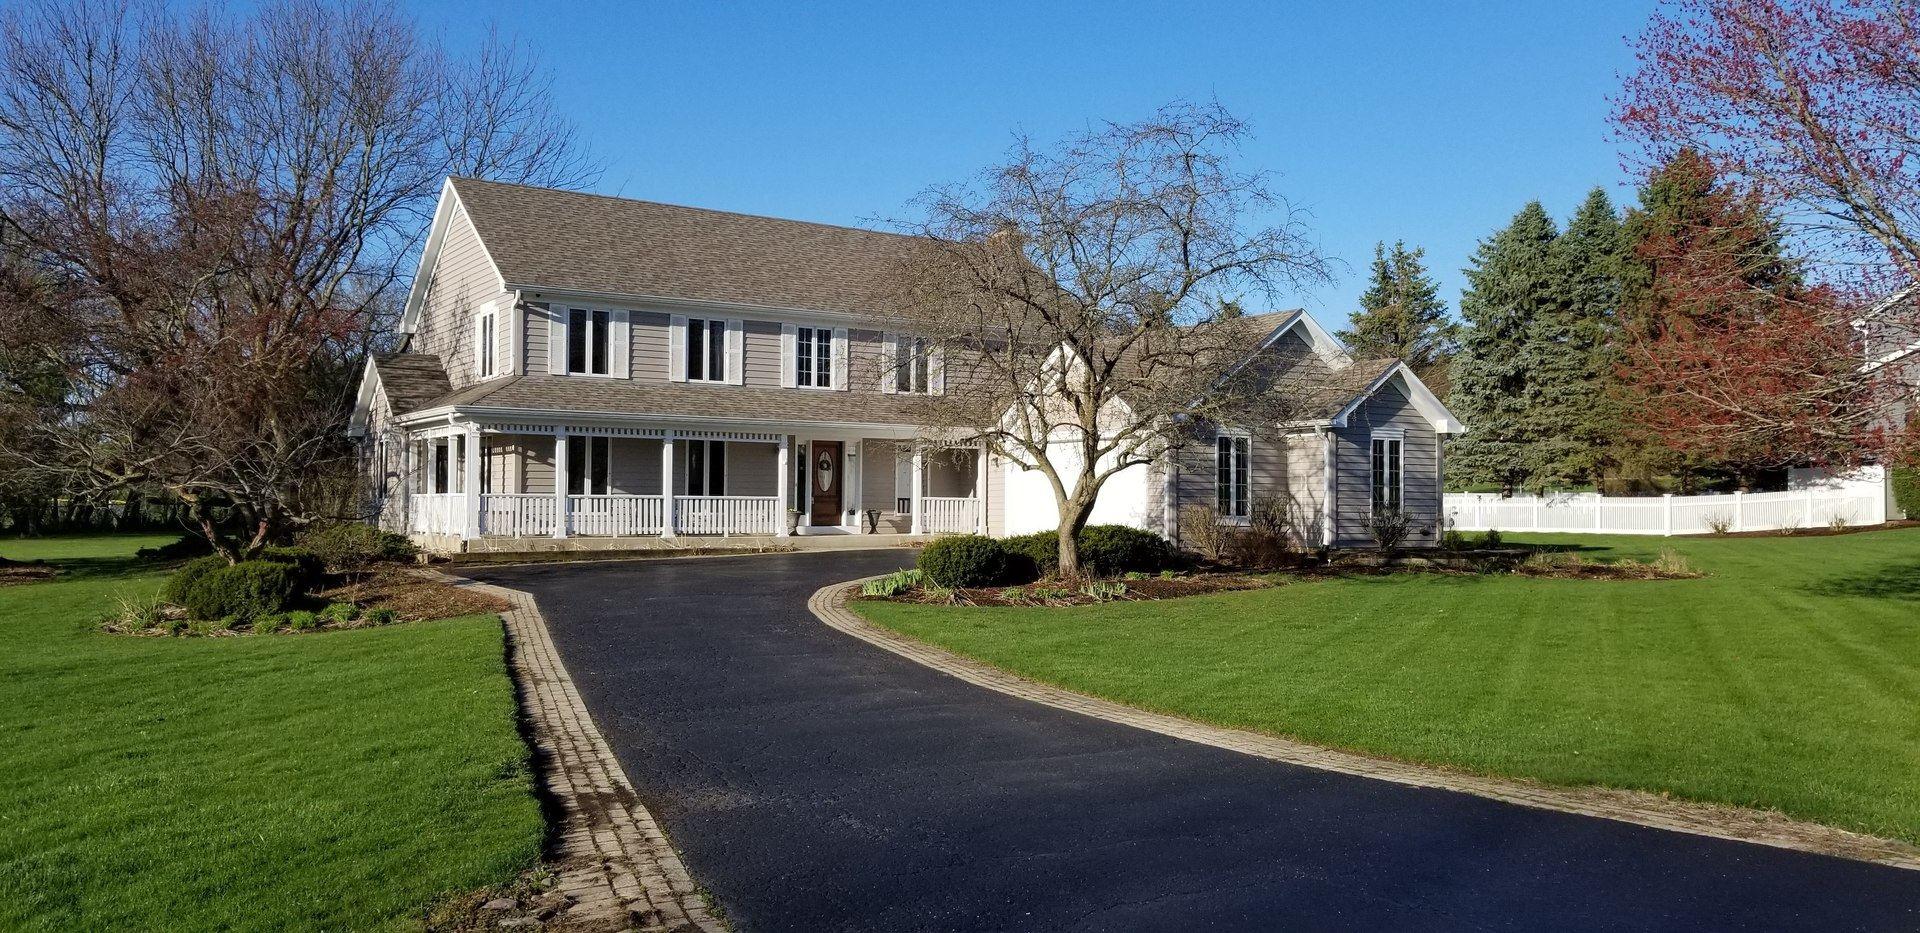 41W565 Hunters Hill Drive, Saint Charles, IL 60175 - #: 10650211